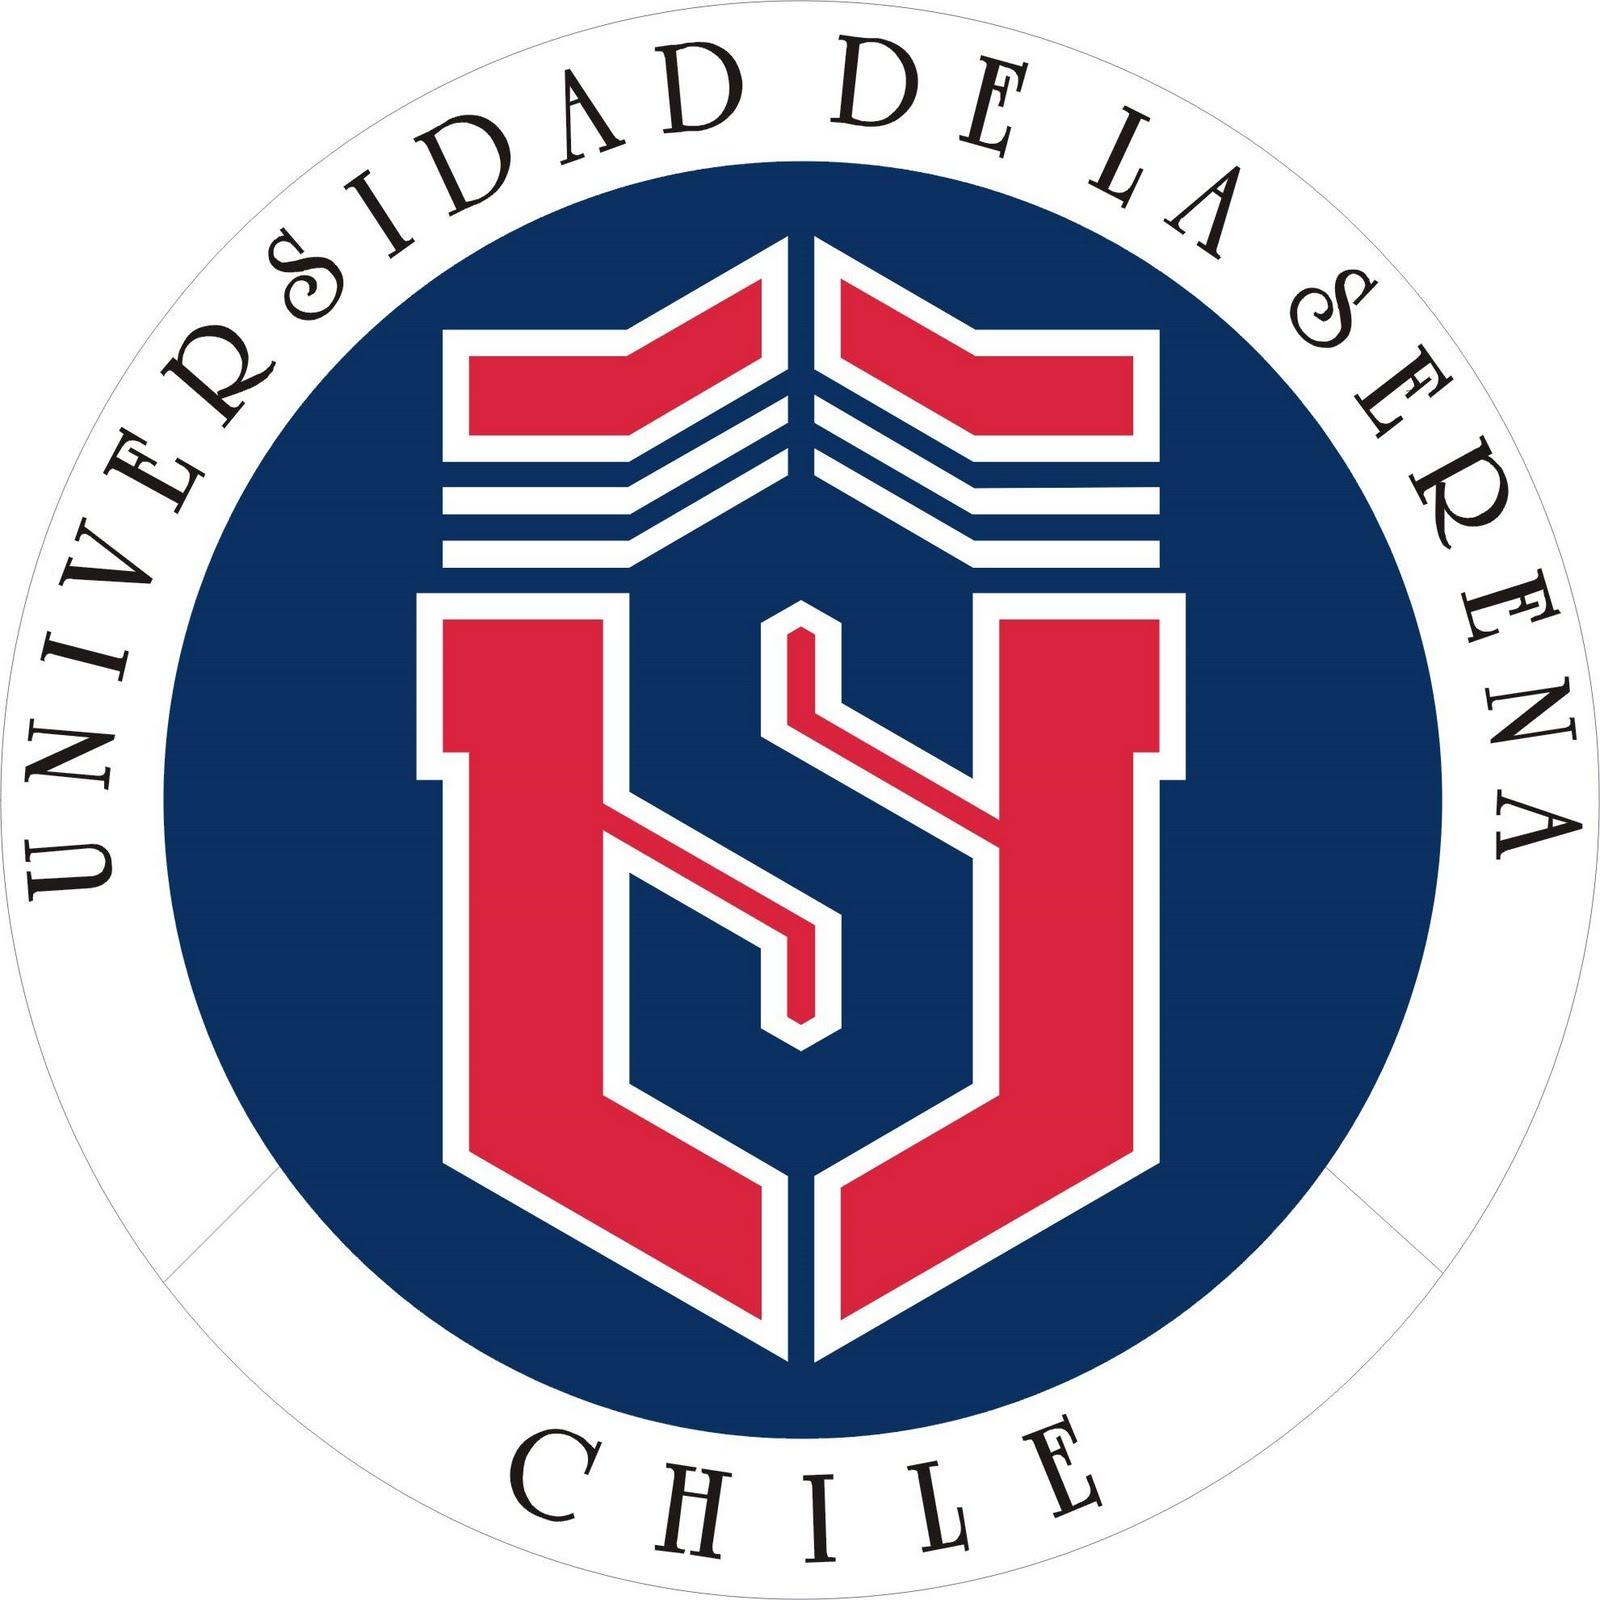 Educación superior en Chile